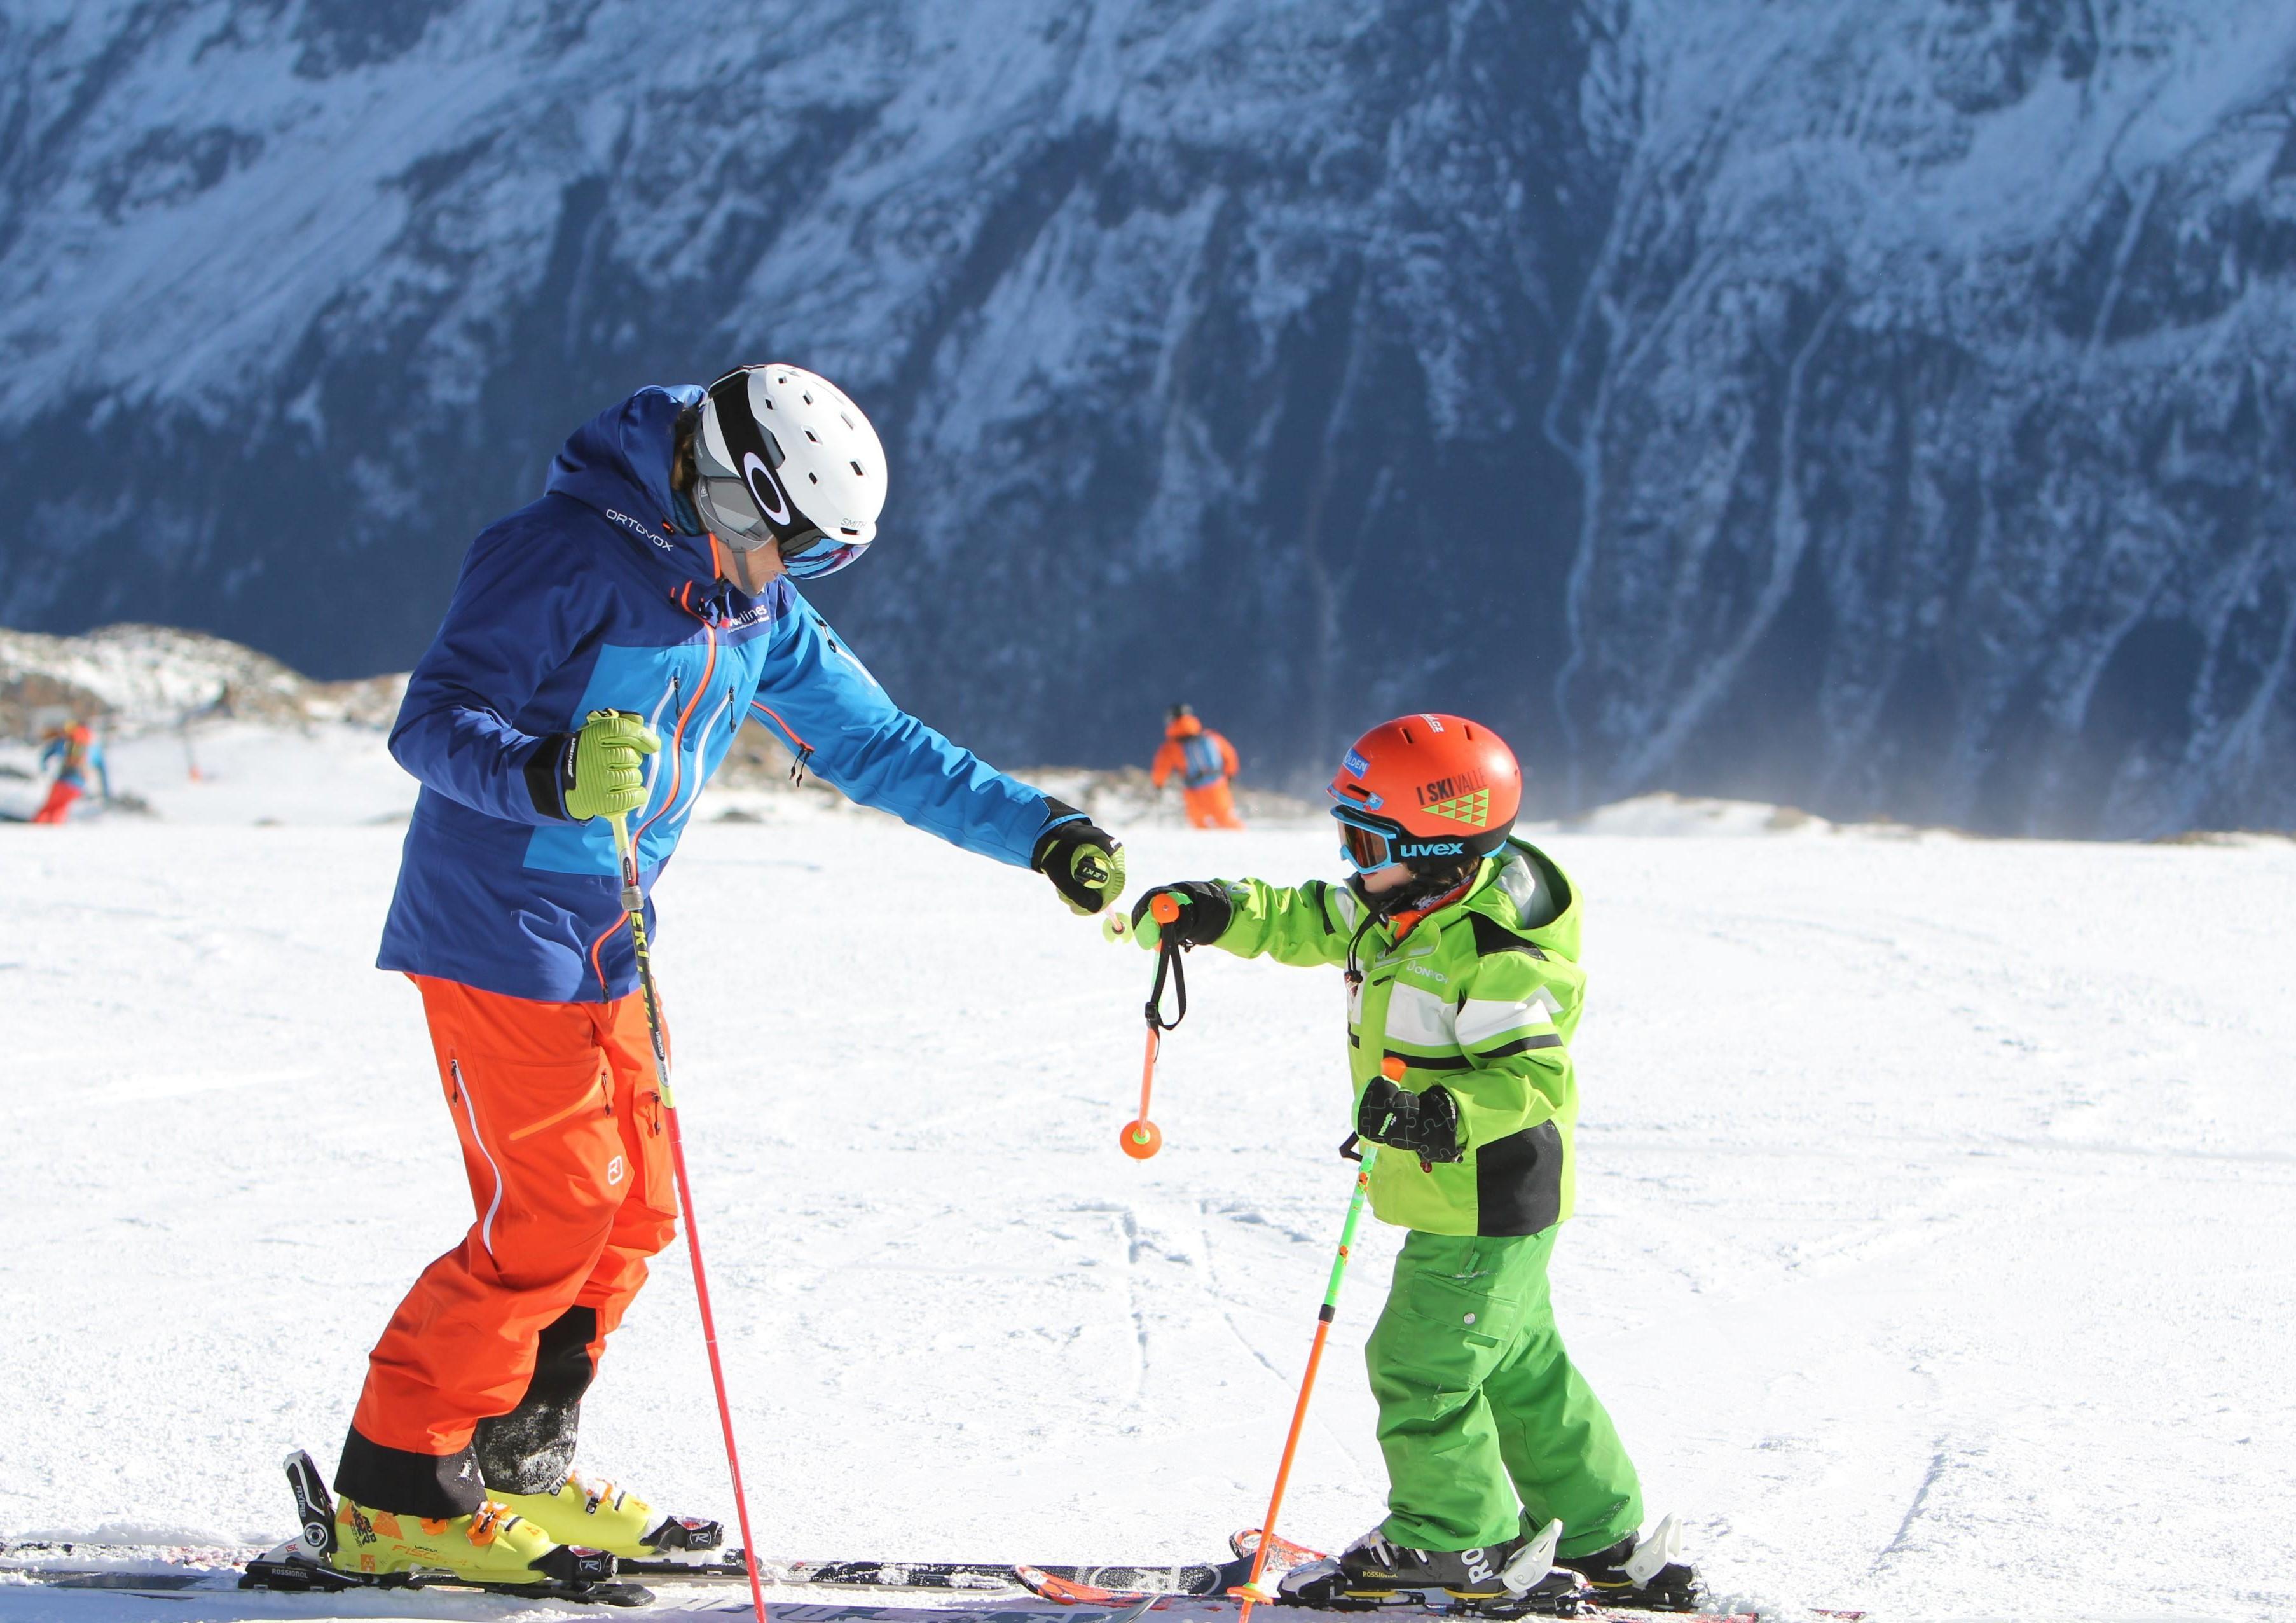 Privélessen skiën voor kinderen - Obergurgl-Hochgurgl